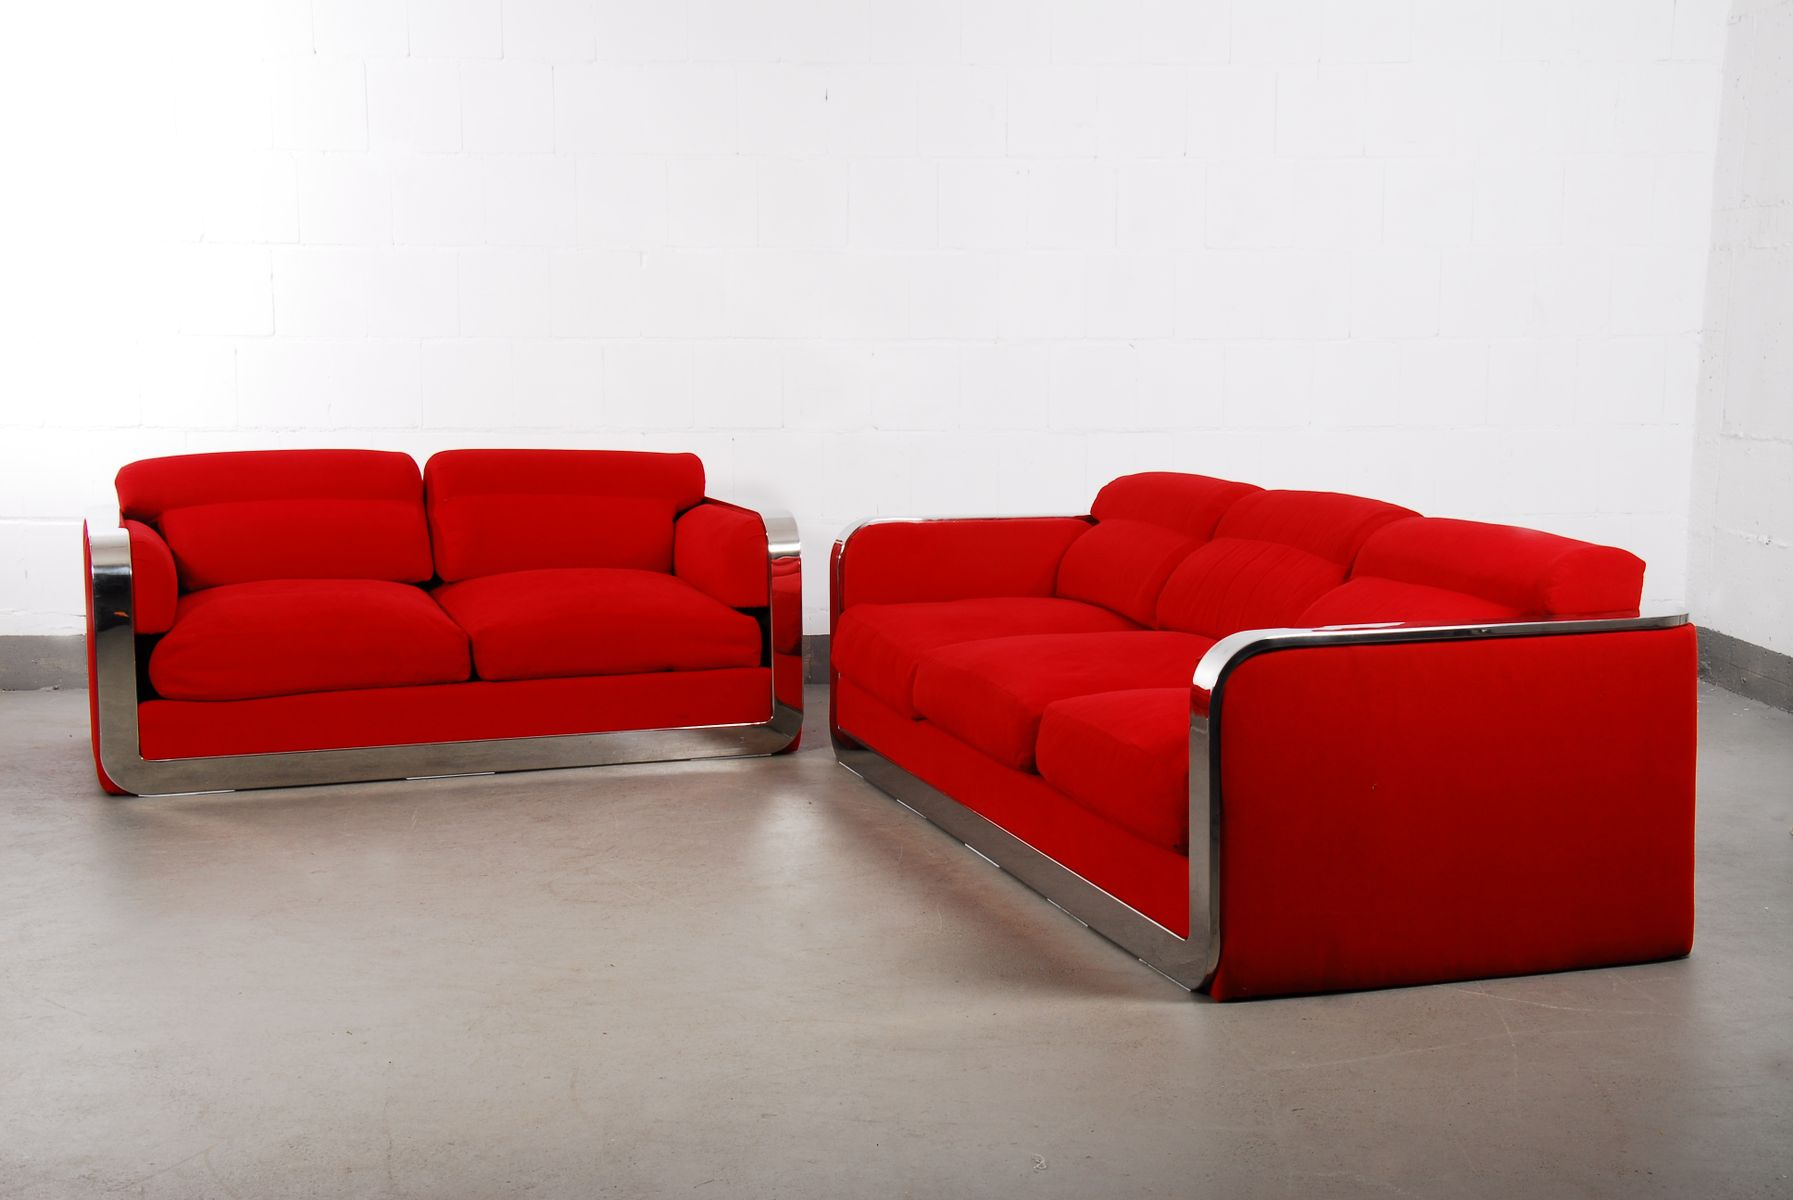 italienisches vintage zwei sitzer drei sitzer sofa set. Black Bedroom Furniture Sets. Home Design Ideas